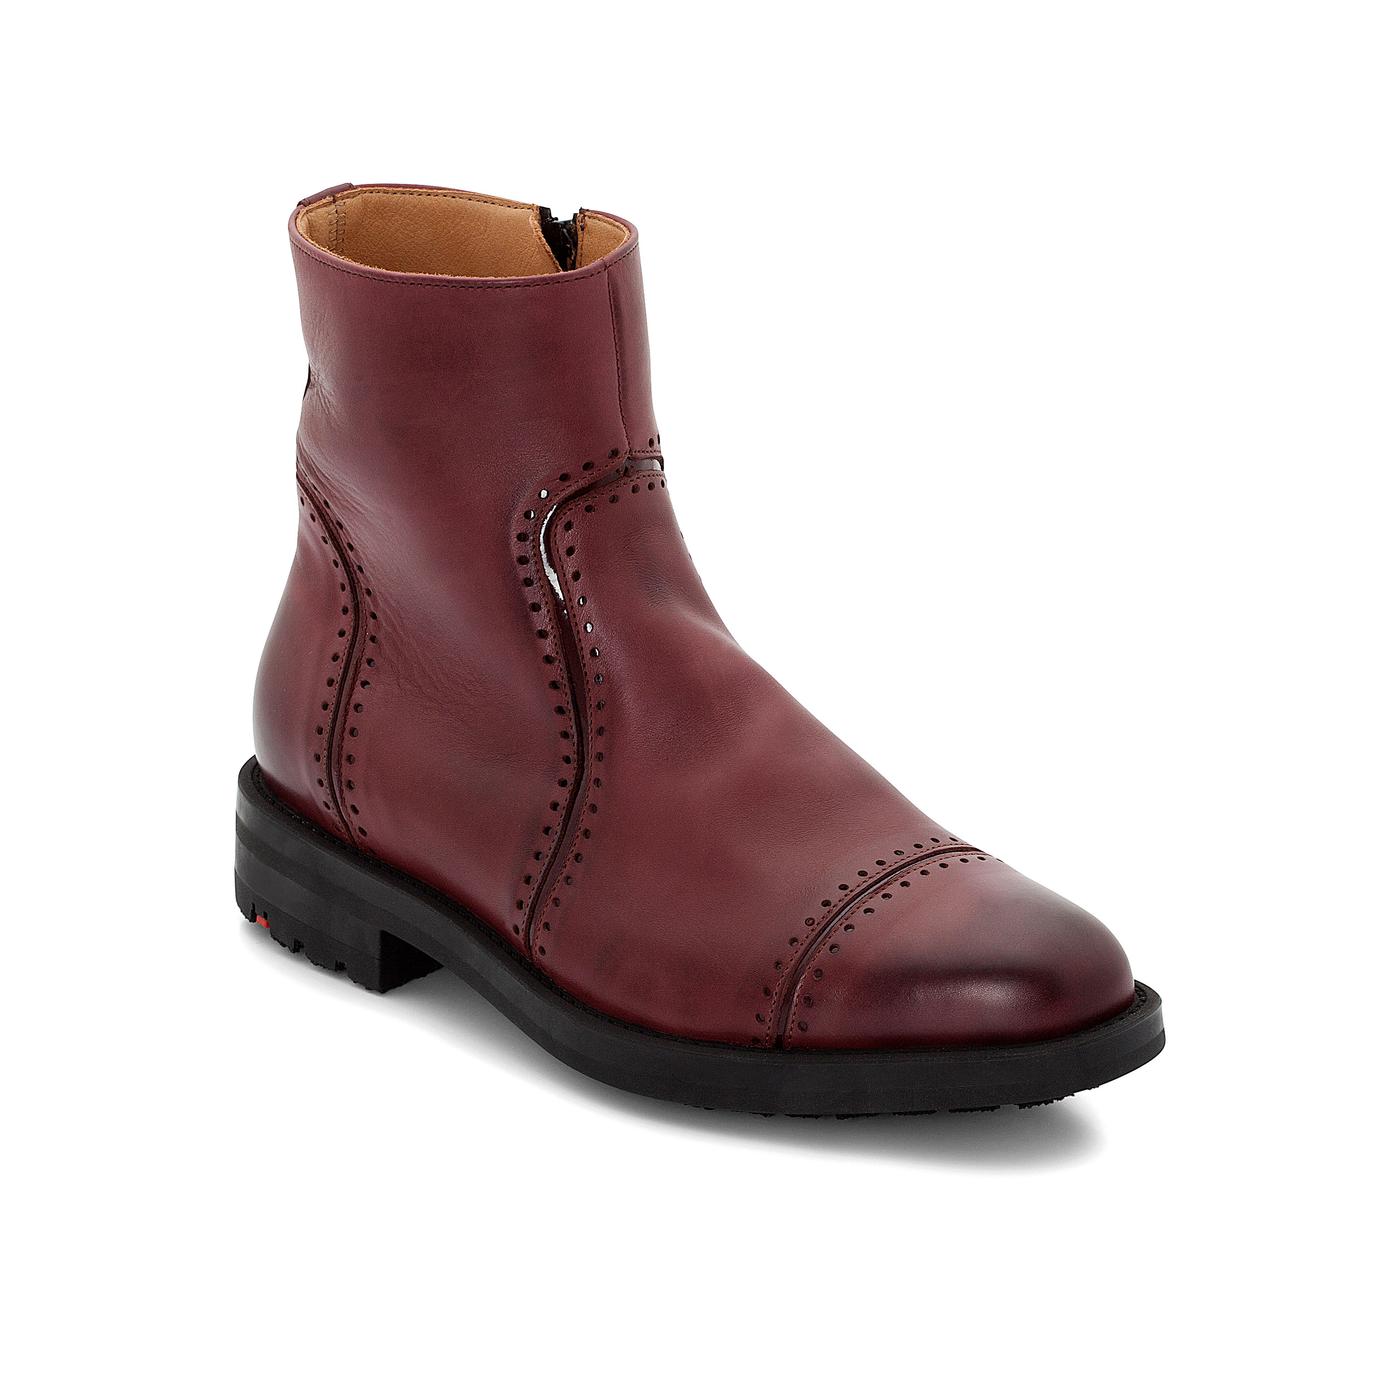 Stiefeletten | Schuhe > Stiefeletten > Sonstige Stiefeletten | Rot | Effektleder -  leder | LLOYD